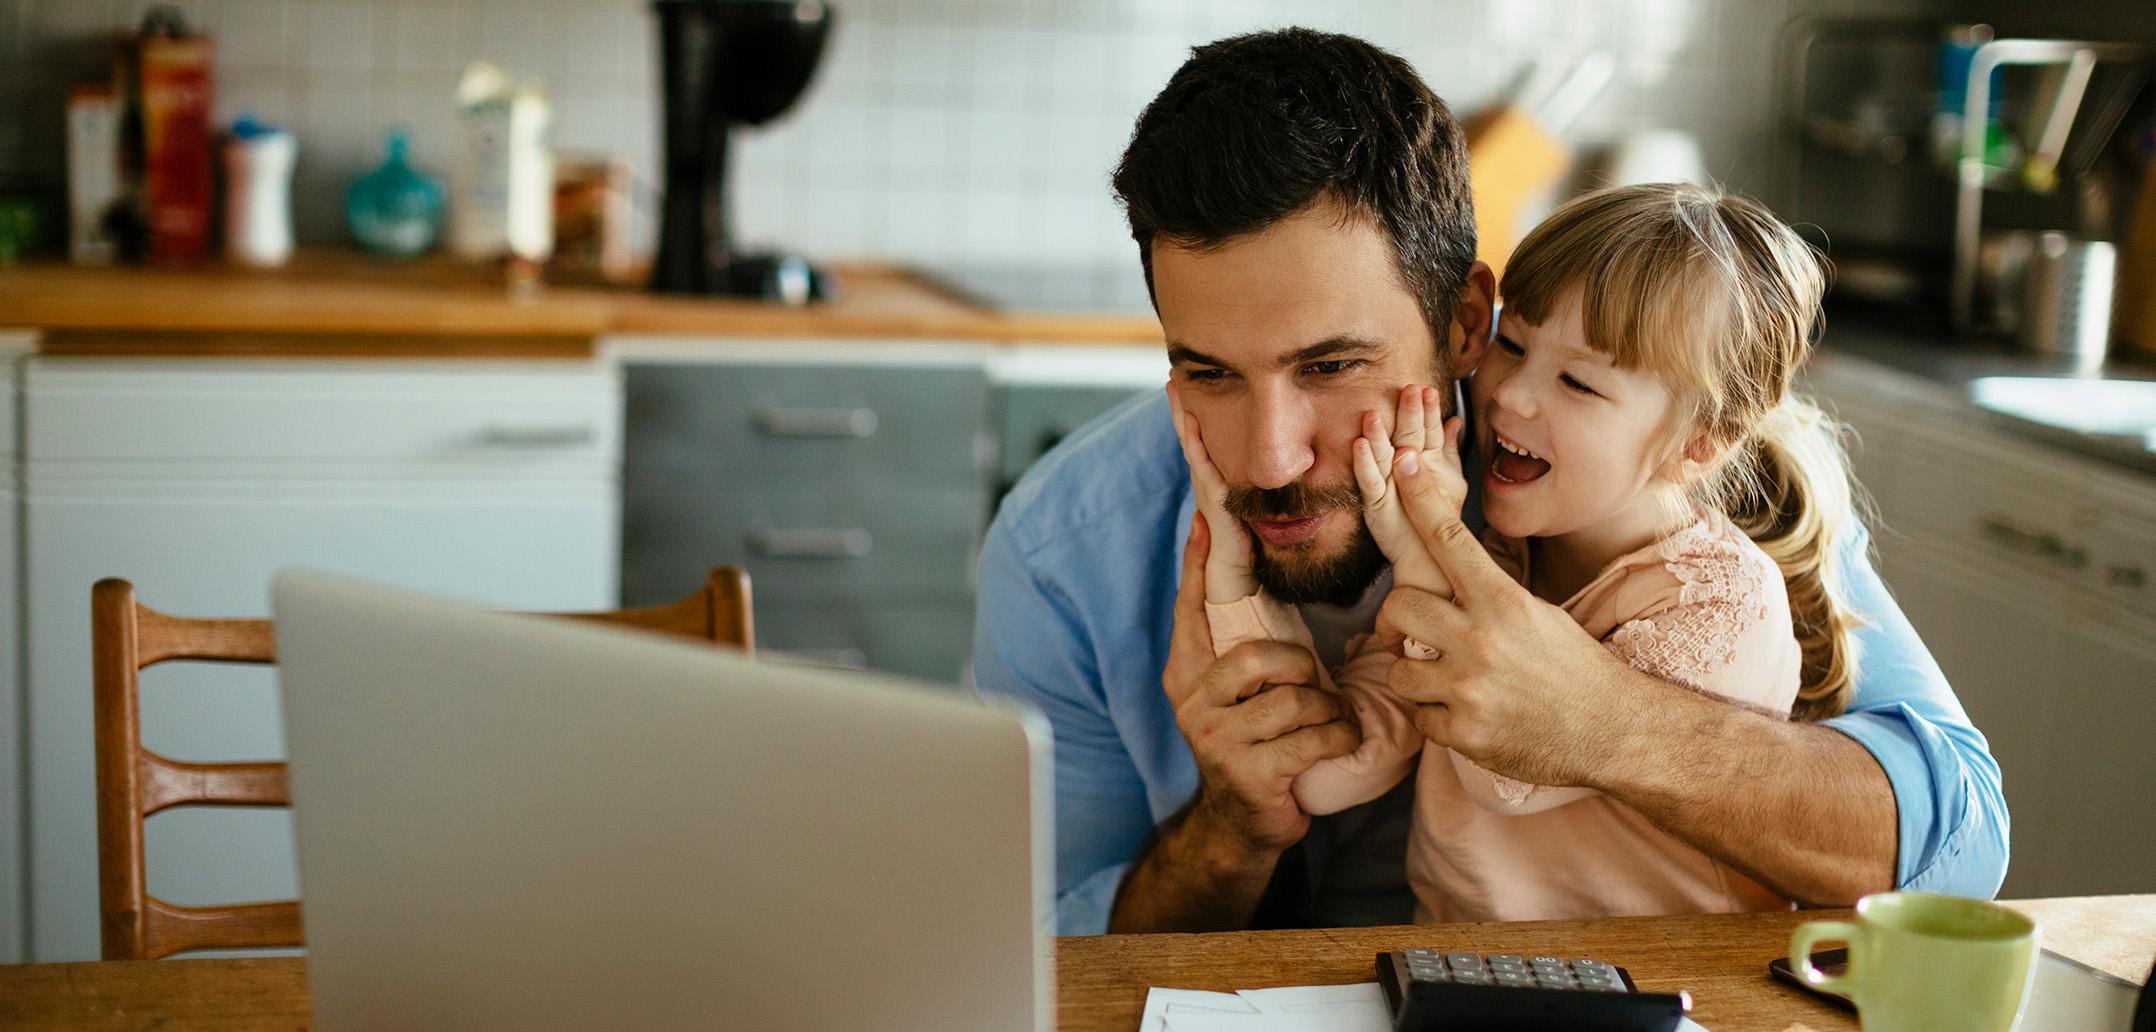 Vater mit Kind im HomeOffice